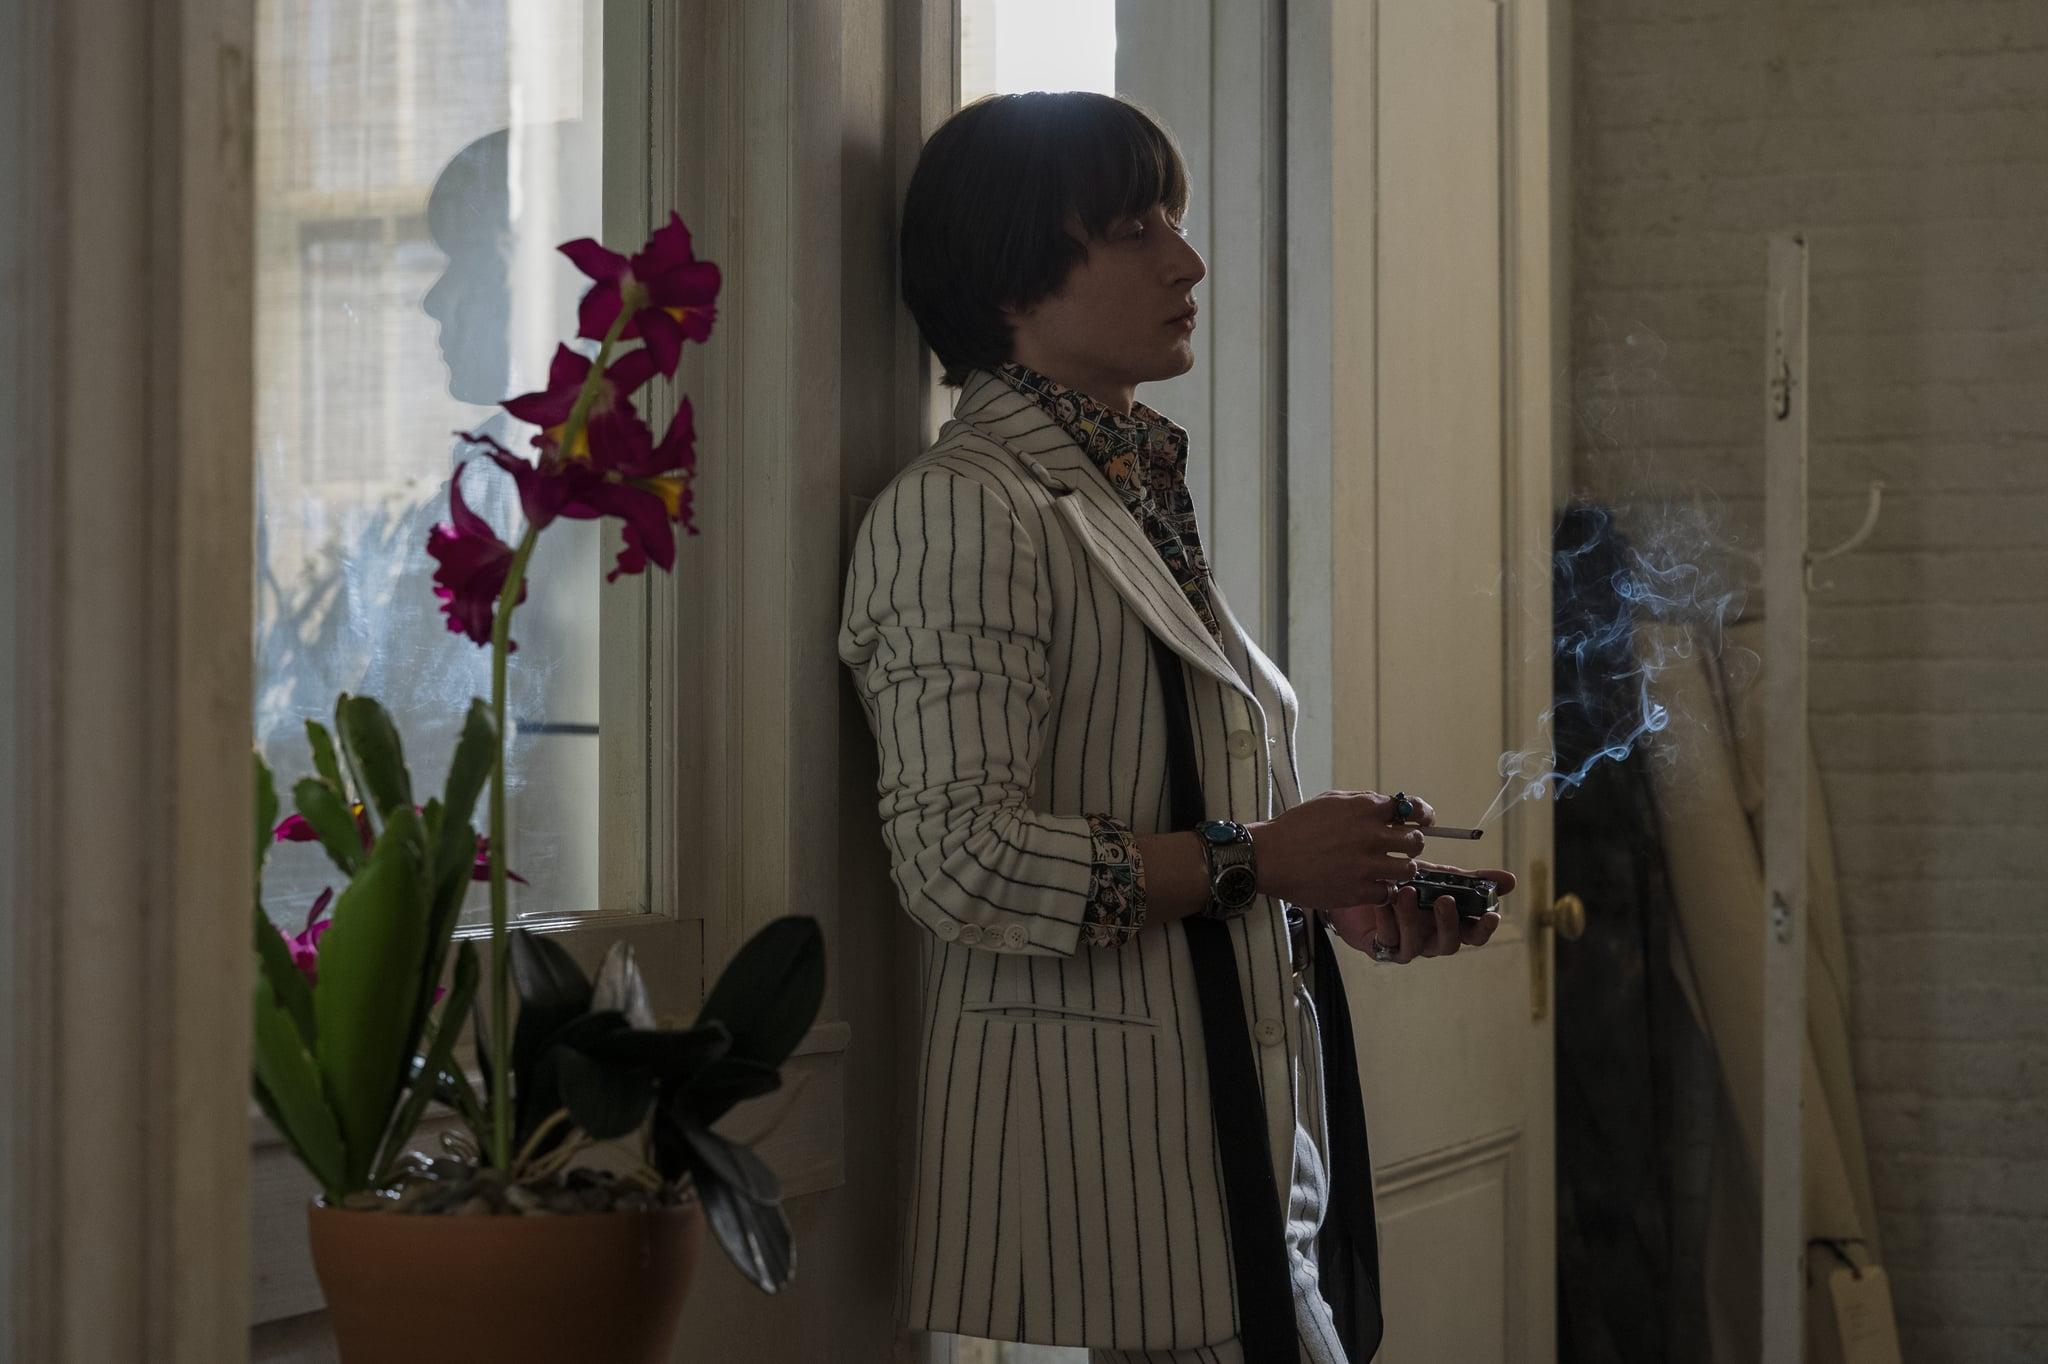 HALSTON (L to R) RORY CULKIN as JOEL SCHUMACHER in episode 101 of HALSTON Cr. JOJO WHILDEN/NETFLIX  2021